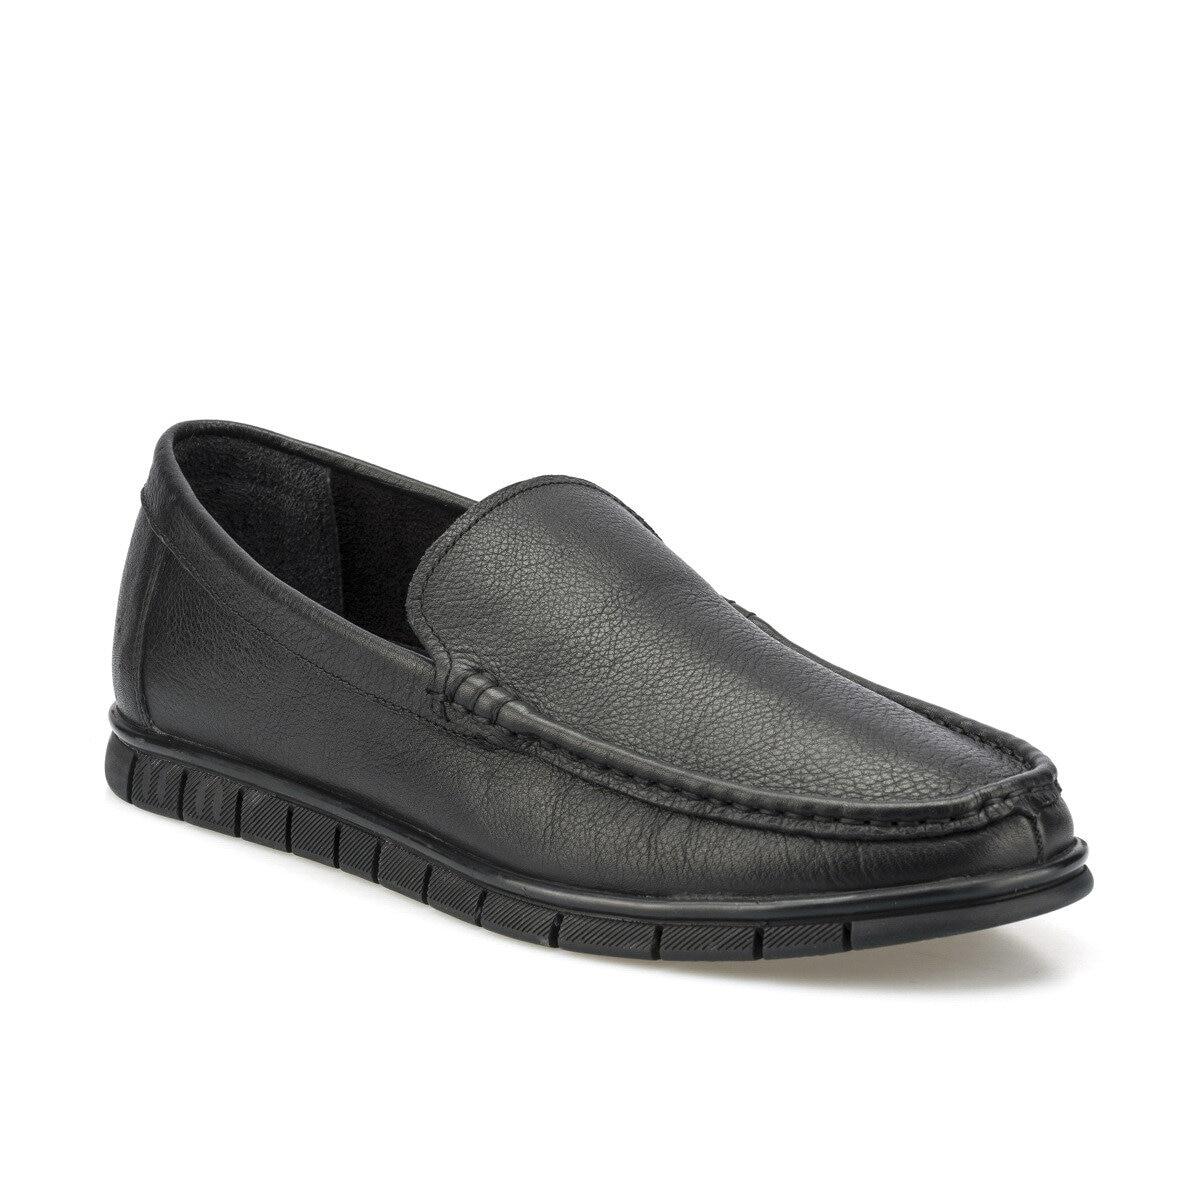 FLO 102068.M Black Men 'S Classic Shoes Polaris 5 Point